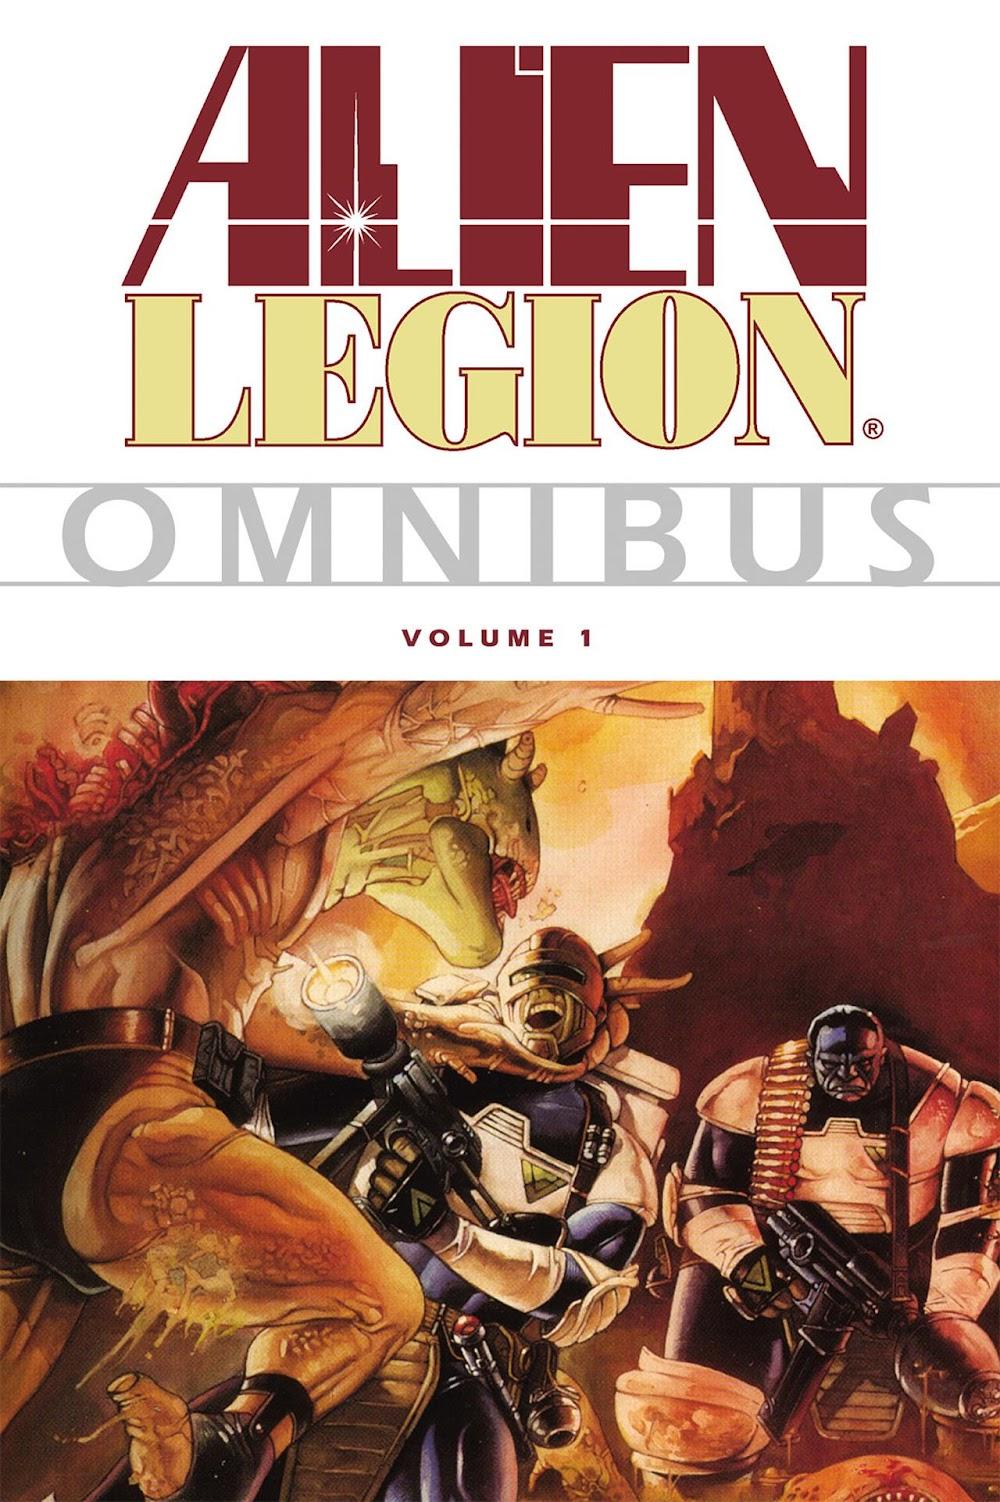 Alien Legion Omnibus Vol. 1 (2009)